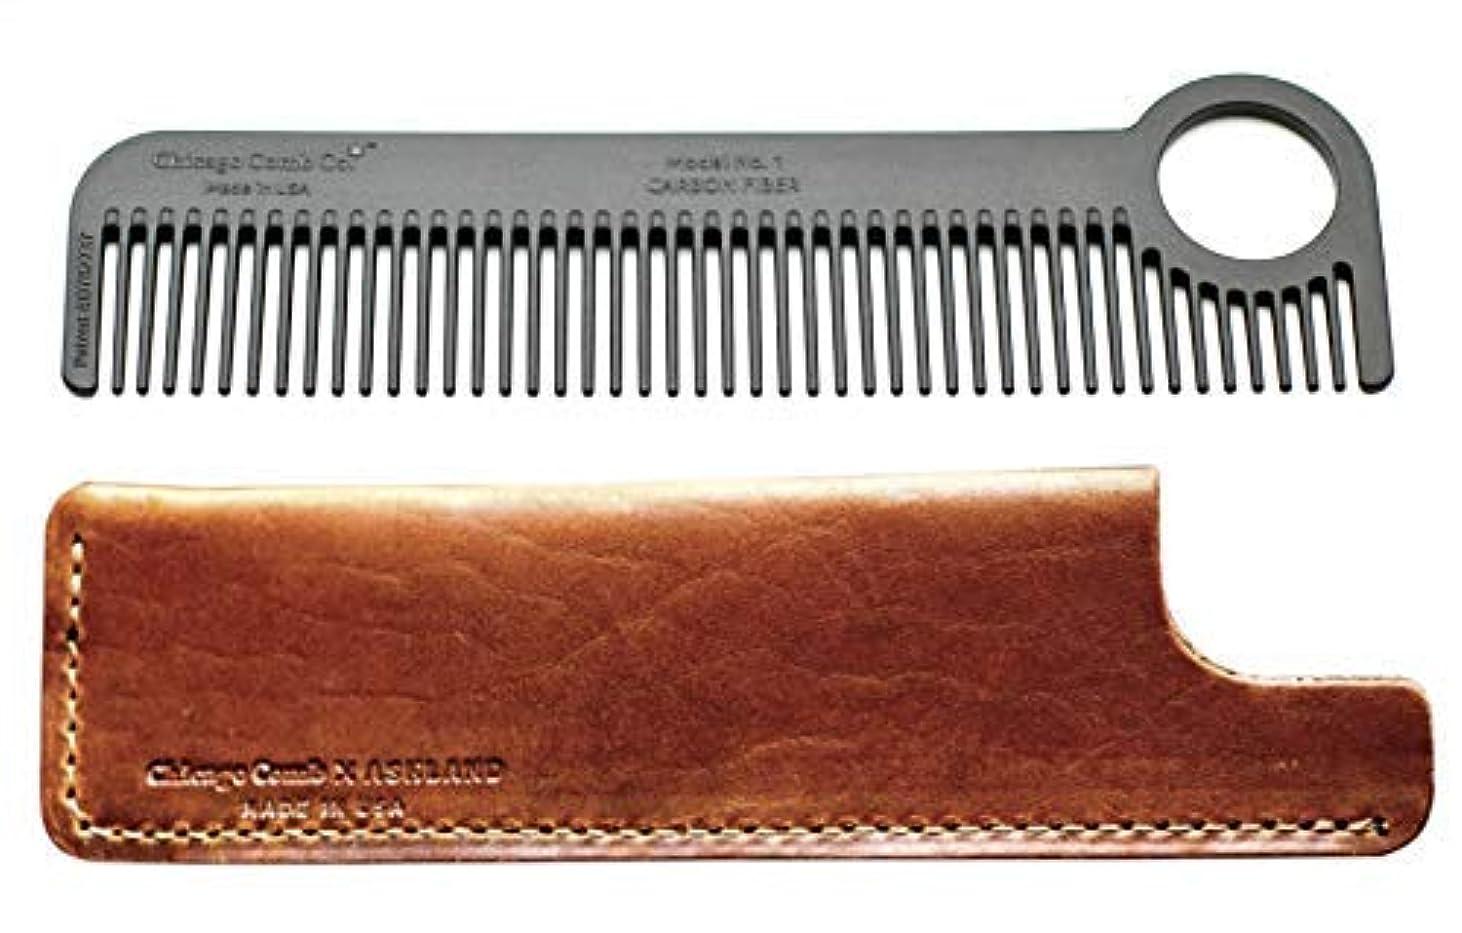 キャッシュ散歩に行く一致Chicago Comb Model 1 Carbon Fiber Comb + English Tan Horween leather sheath, Made in USA, ultimate pocket and...